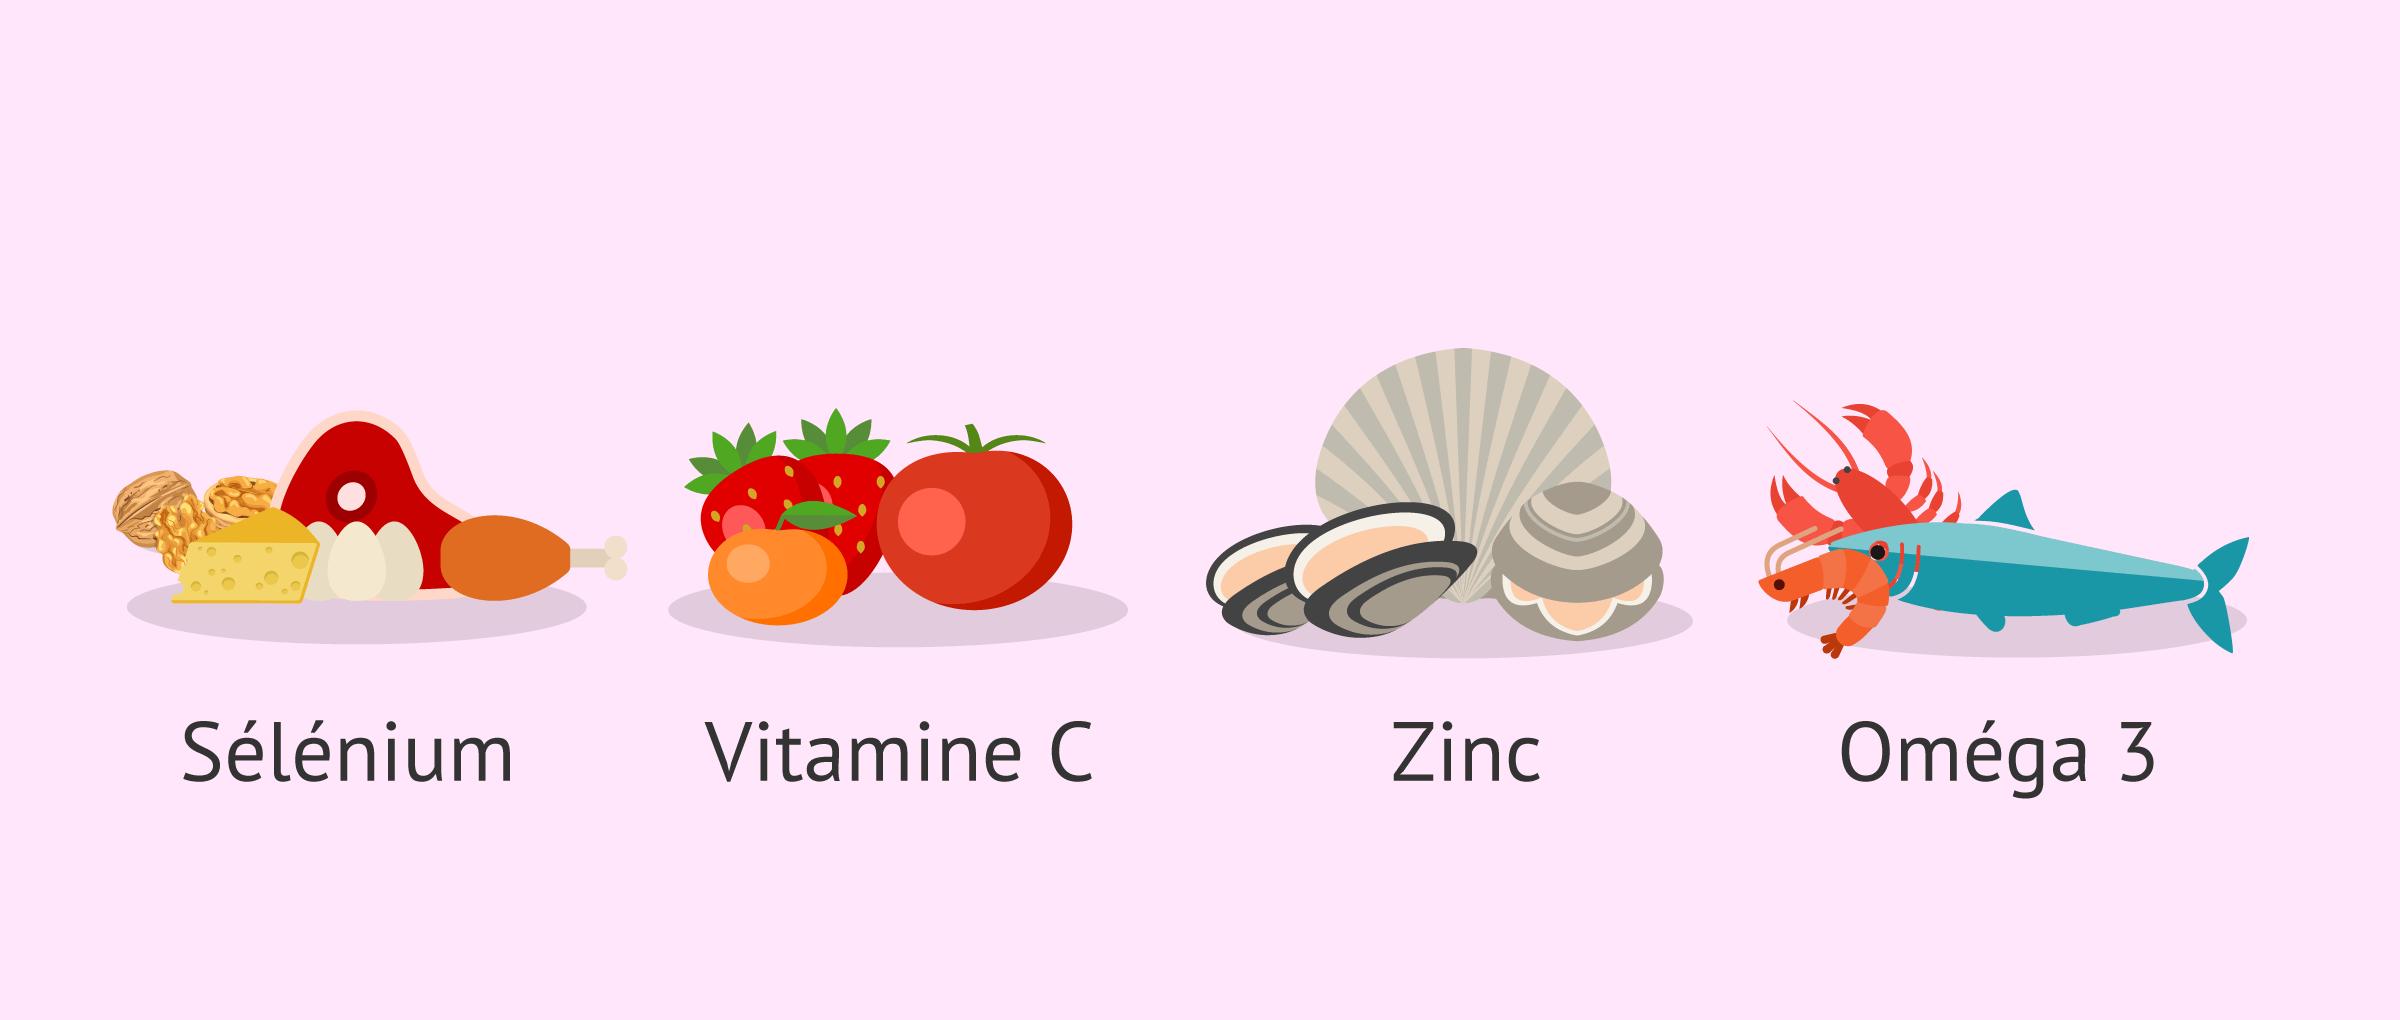 Alimentation saine et équilibrée pour guérir la tératozoospermie